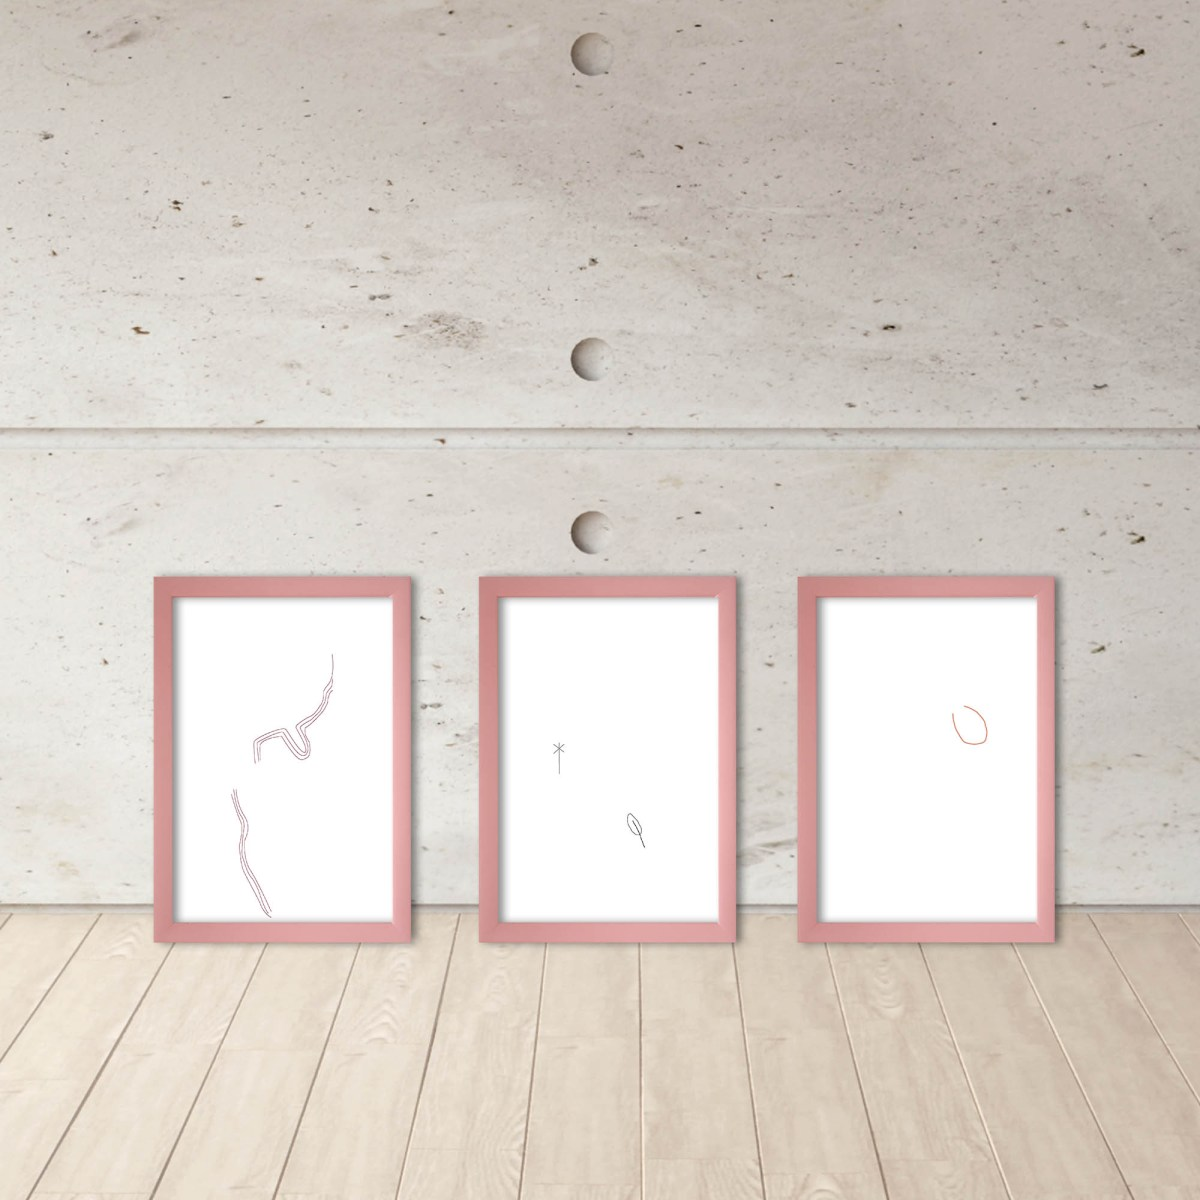 dibujo digital, las cosas infinitas #14 en espacio de Fernanda Barreto